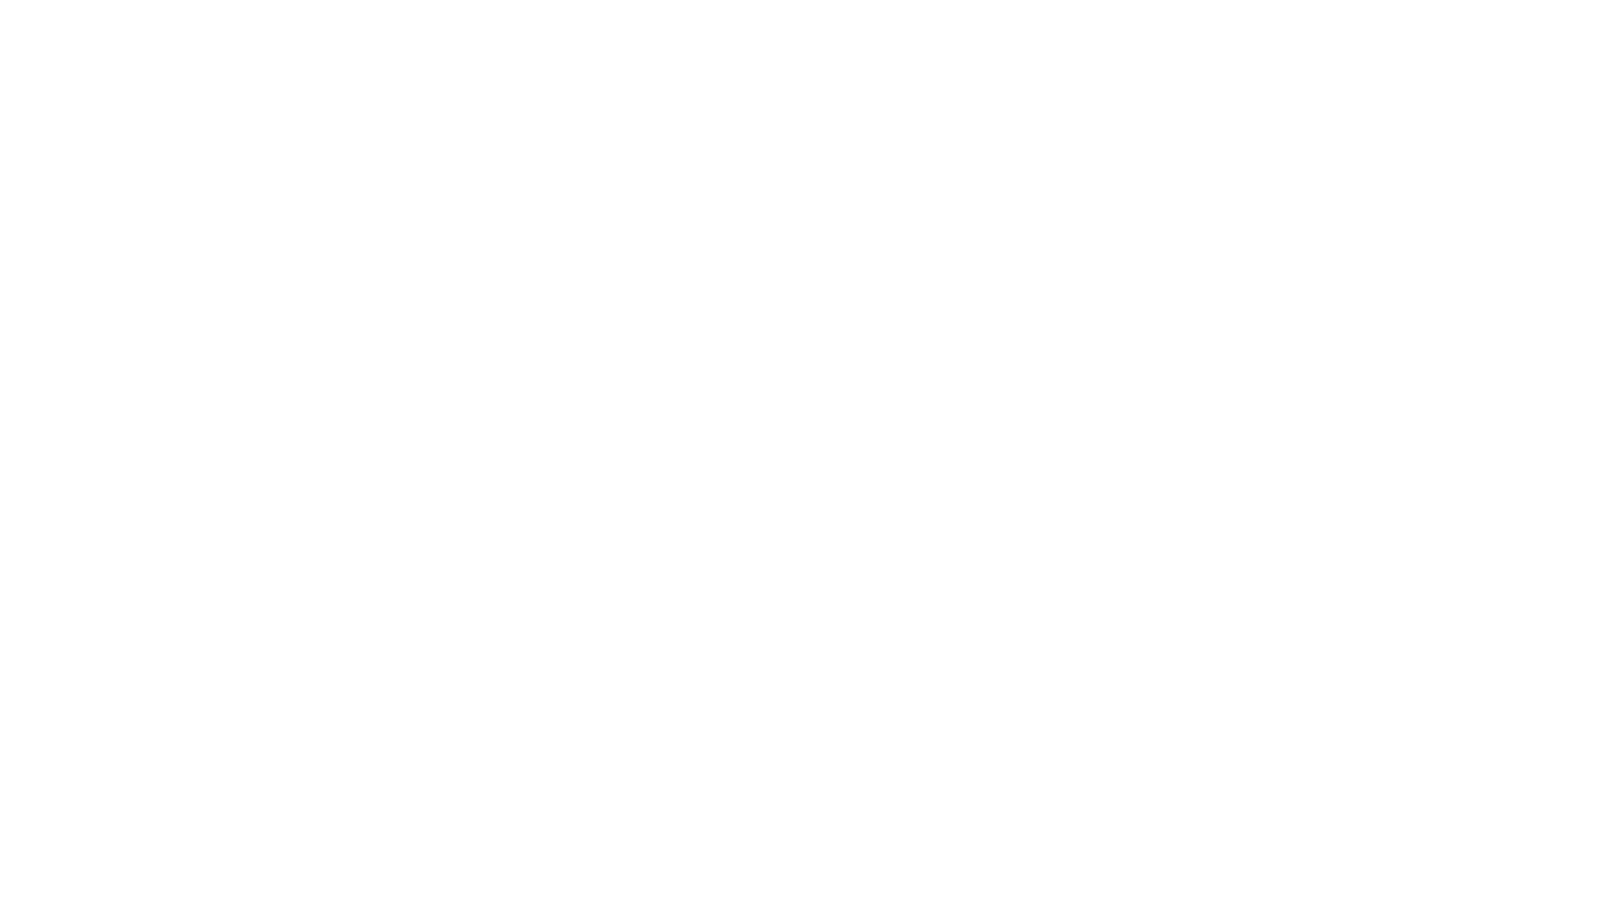 Actividad que se enmarca en la serie de pronósticos de caudales de cabecera para la Región de Coquimbo, desarrollada por el Laboratorio de Prospección, Monitoreo y Modelación de Recursos Agrícolas y Ambientales (PROMMRA) de la Universidad de La Serena. Estos pronósticos se desarrollan entre los meses de Mayo a Agosto, y en años eventualmente lluviosos pueden extenderse hasta el mes de Octubre.   En esta oportunidad expondrán el Dr. Pablo Álvarez Latorre, Director de PROMMRA y académico de la Universidad de La Serena y el Dr. Jorge Núñez Cobo, Académico de la Universidad de La Serena e Investigador de CAZALAC.